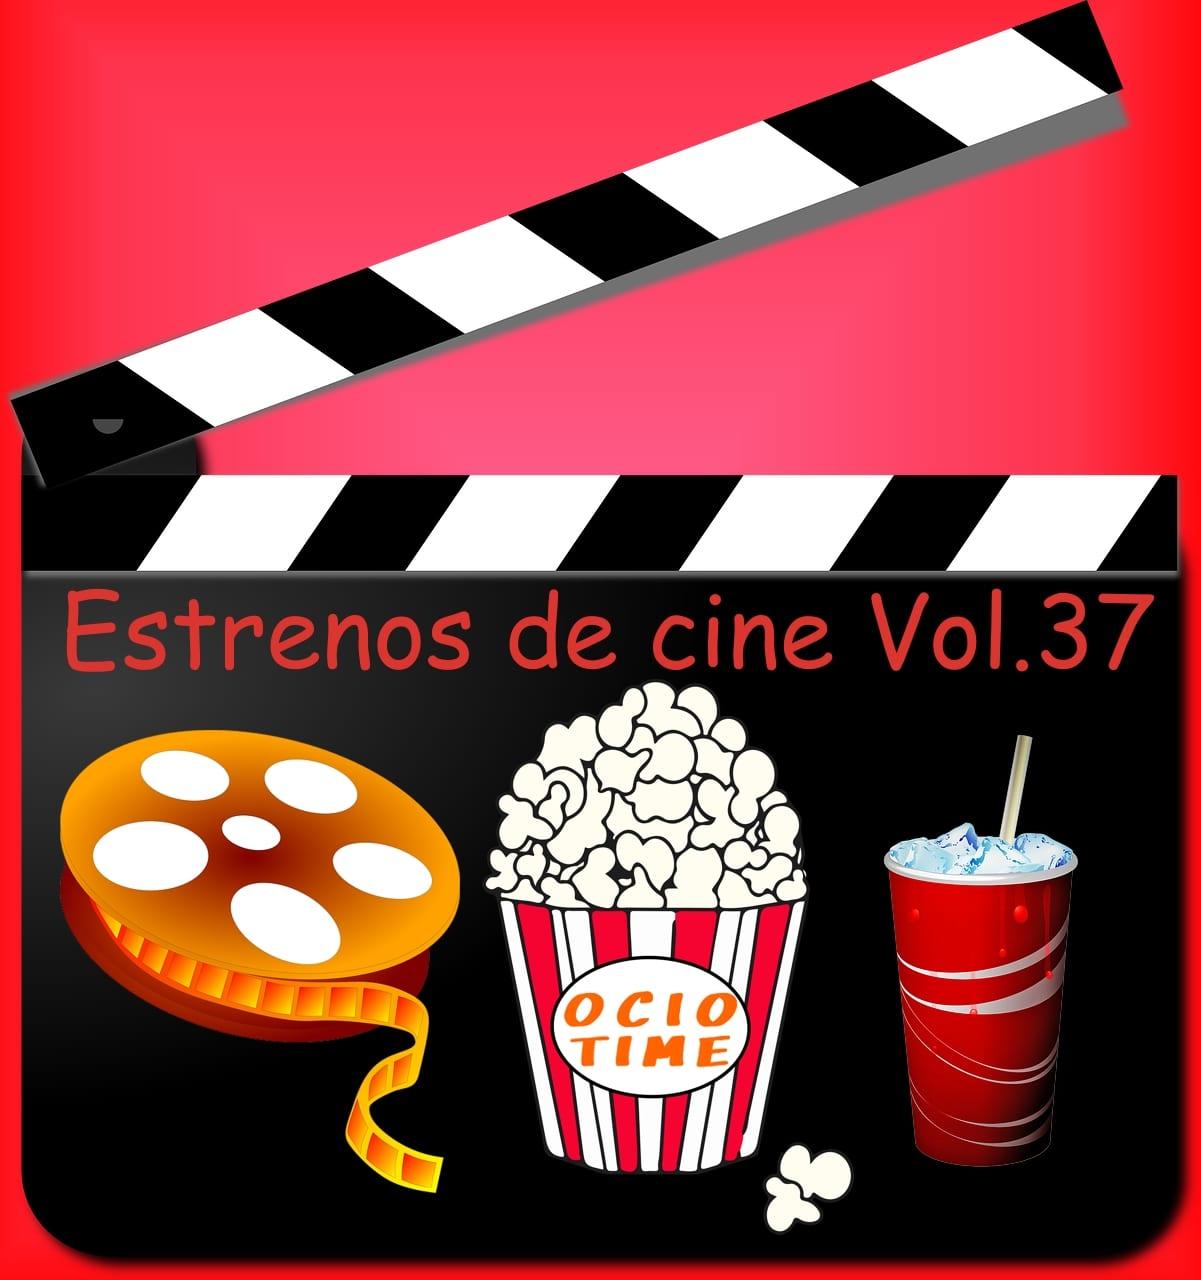 Estrenos de cine Vol.37